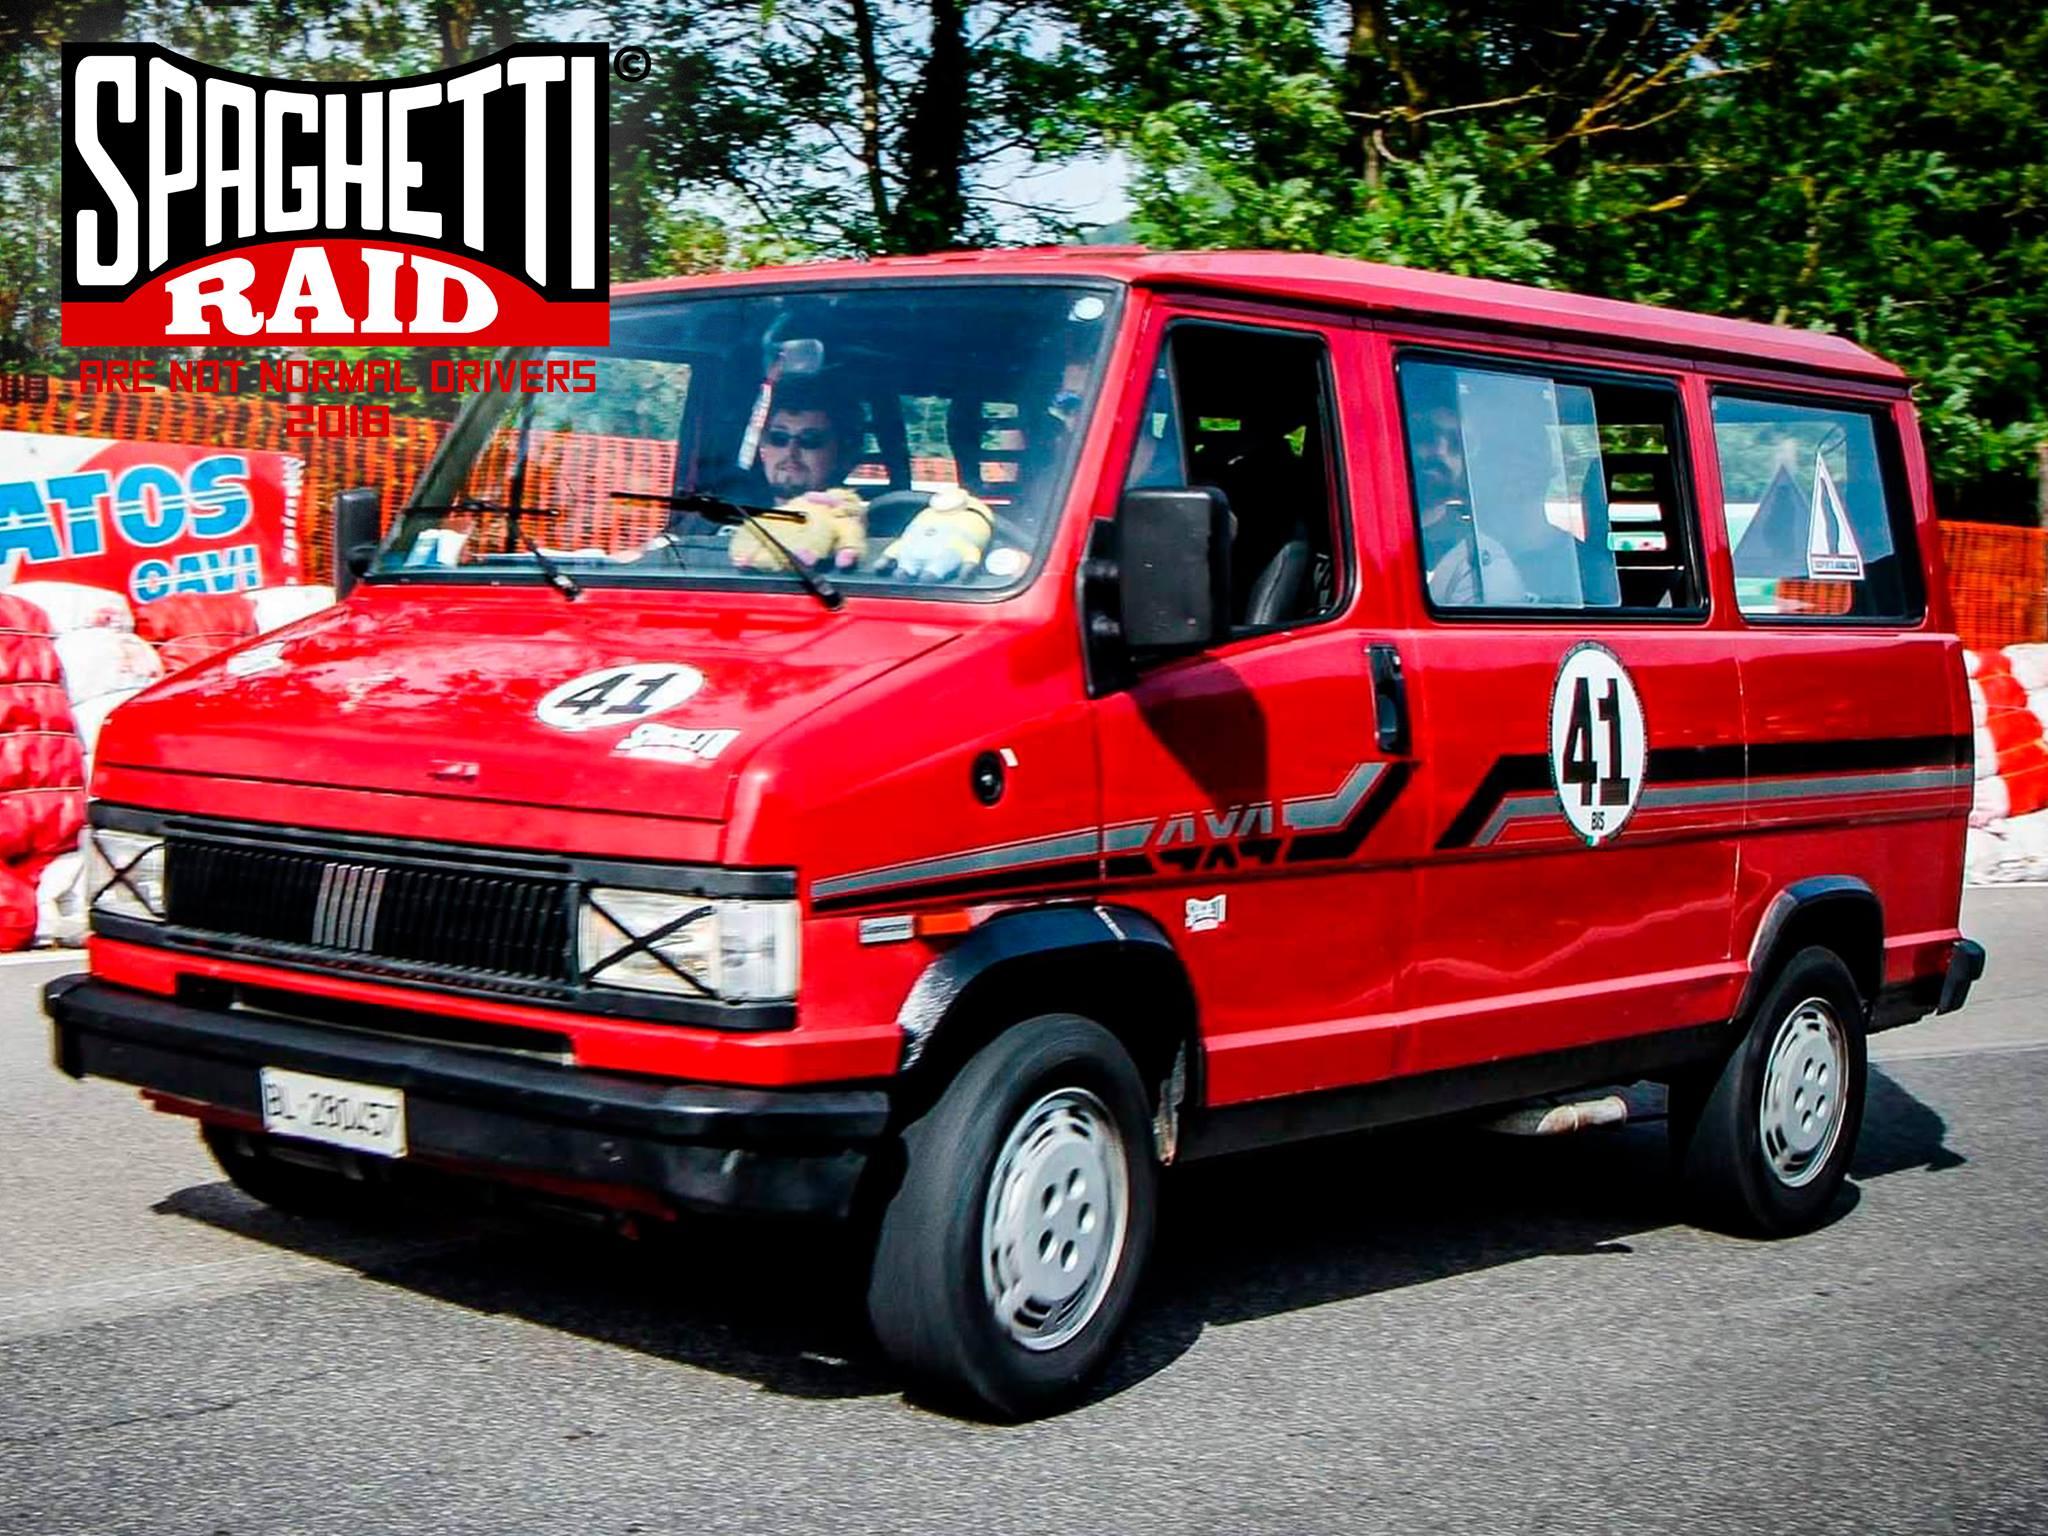 TEAM SEASALTERS #41 BIS FIAT DUCATO del '92 Città: Cremona